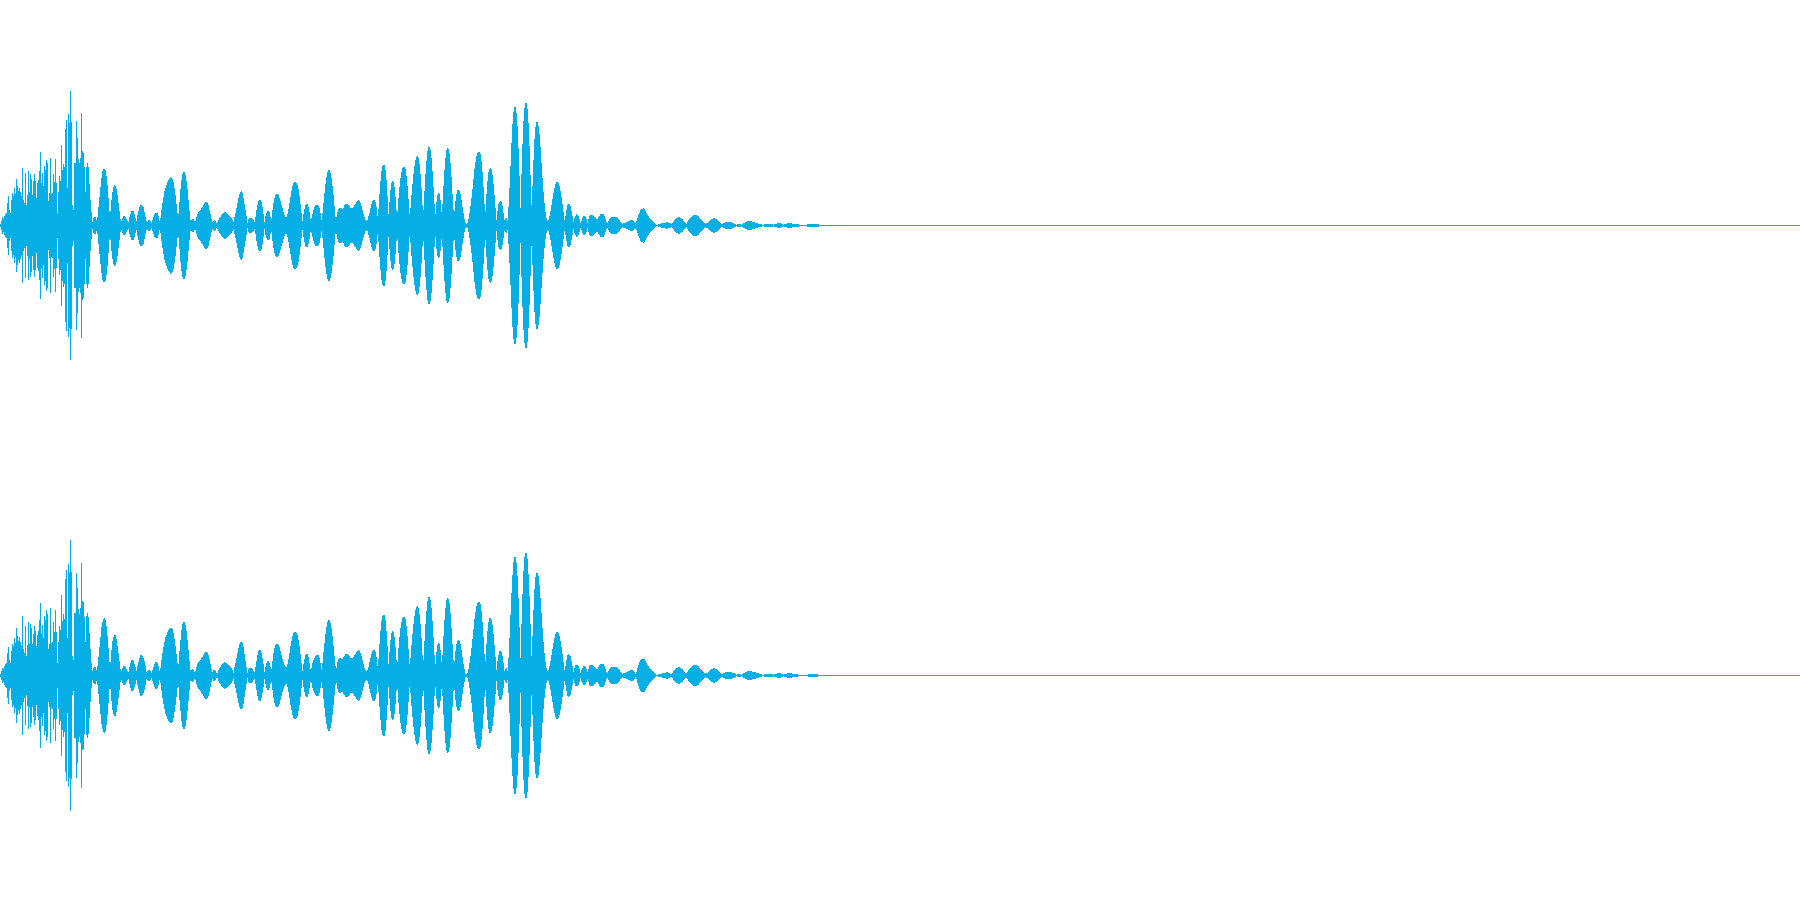 選択タップ音クリック音 チッの再生済みの波形